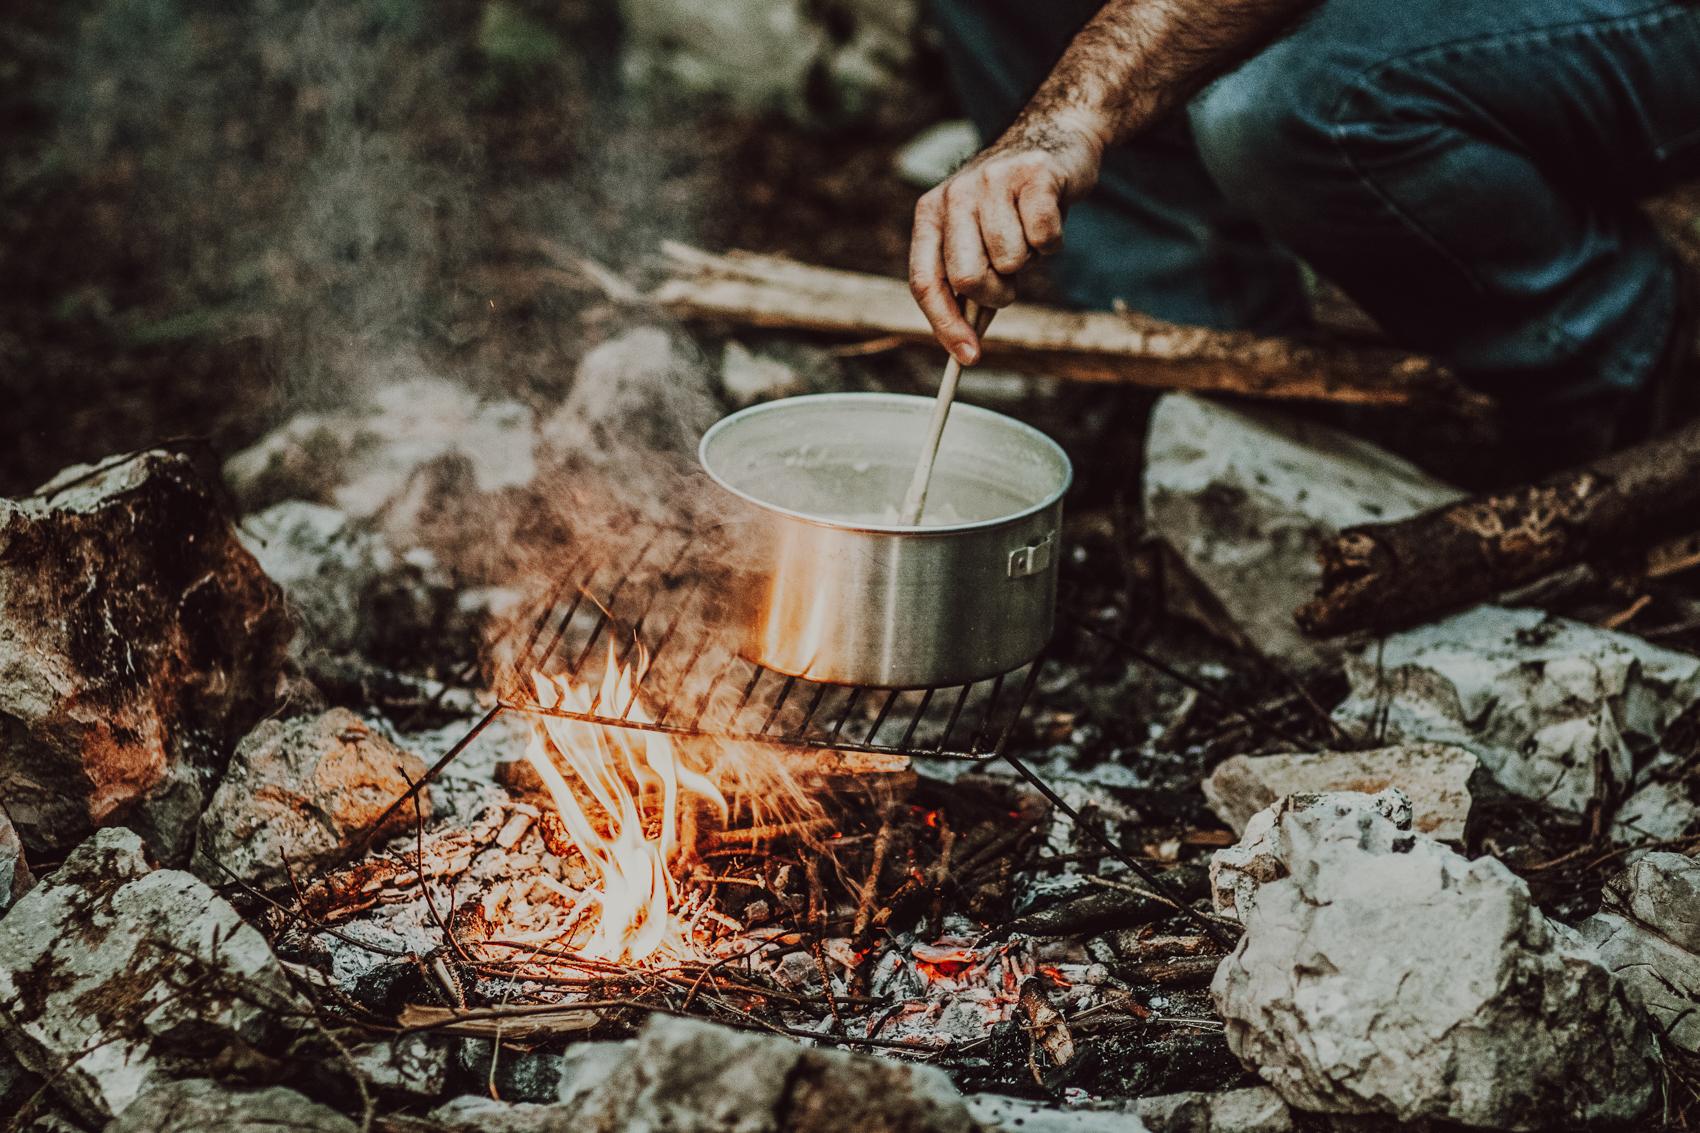 Trekking Essen: Die ultimative Zutatenliste für abwechslungsreiche Gerichte